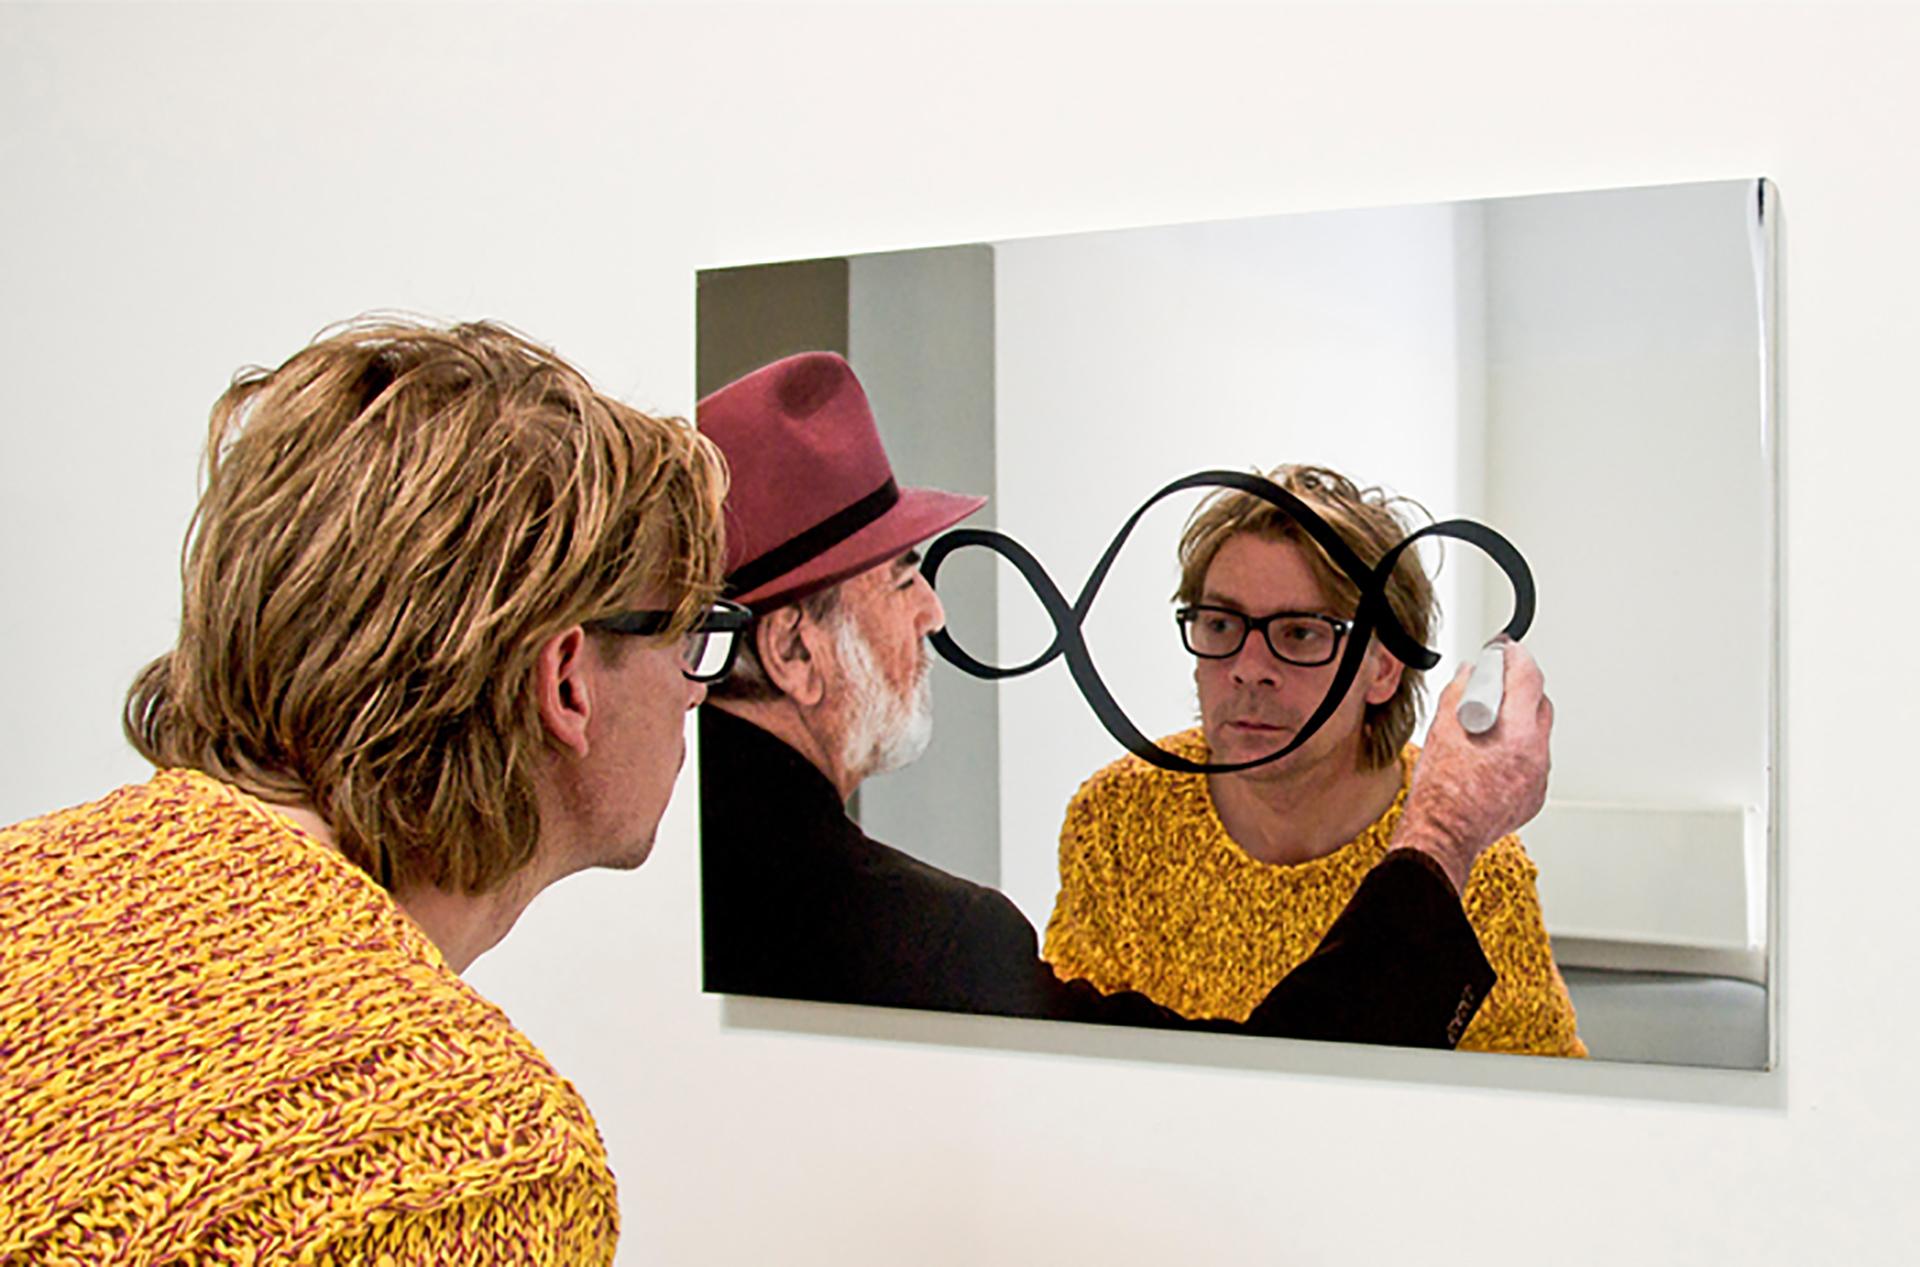 foto van CEES KRIJNEN AND MICHELANGELO PISTOLETTO, REBIRTH-DAY, 2012